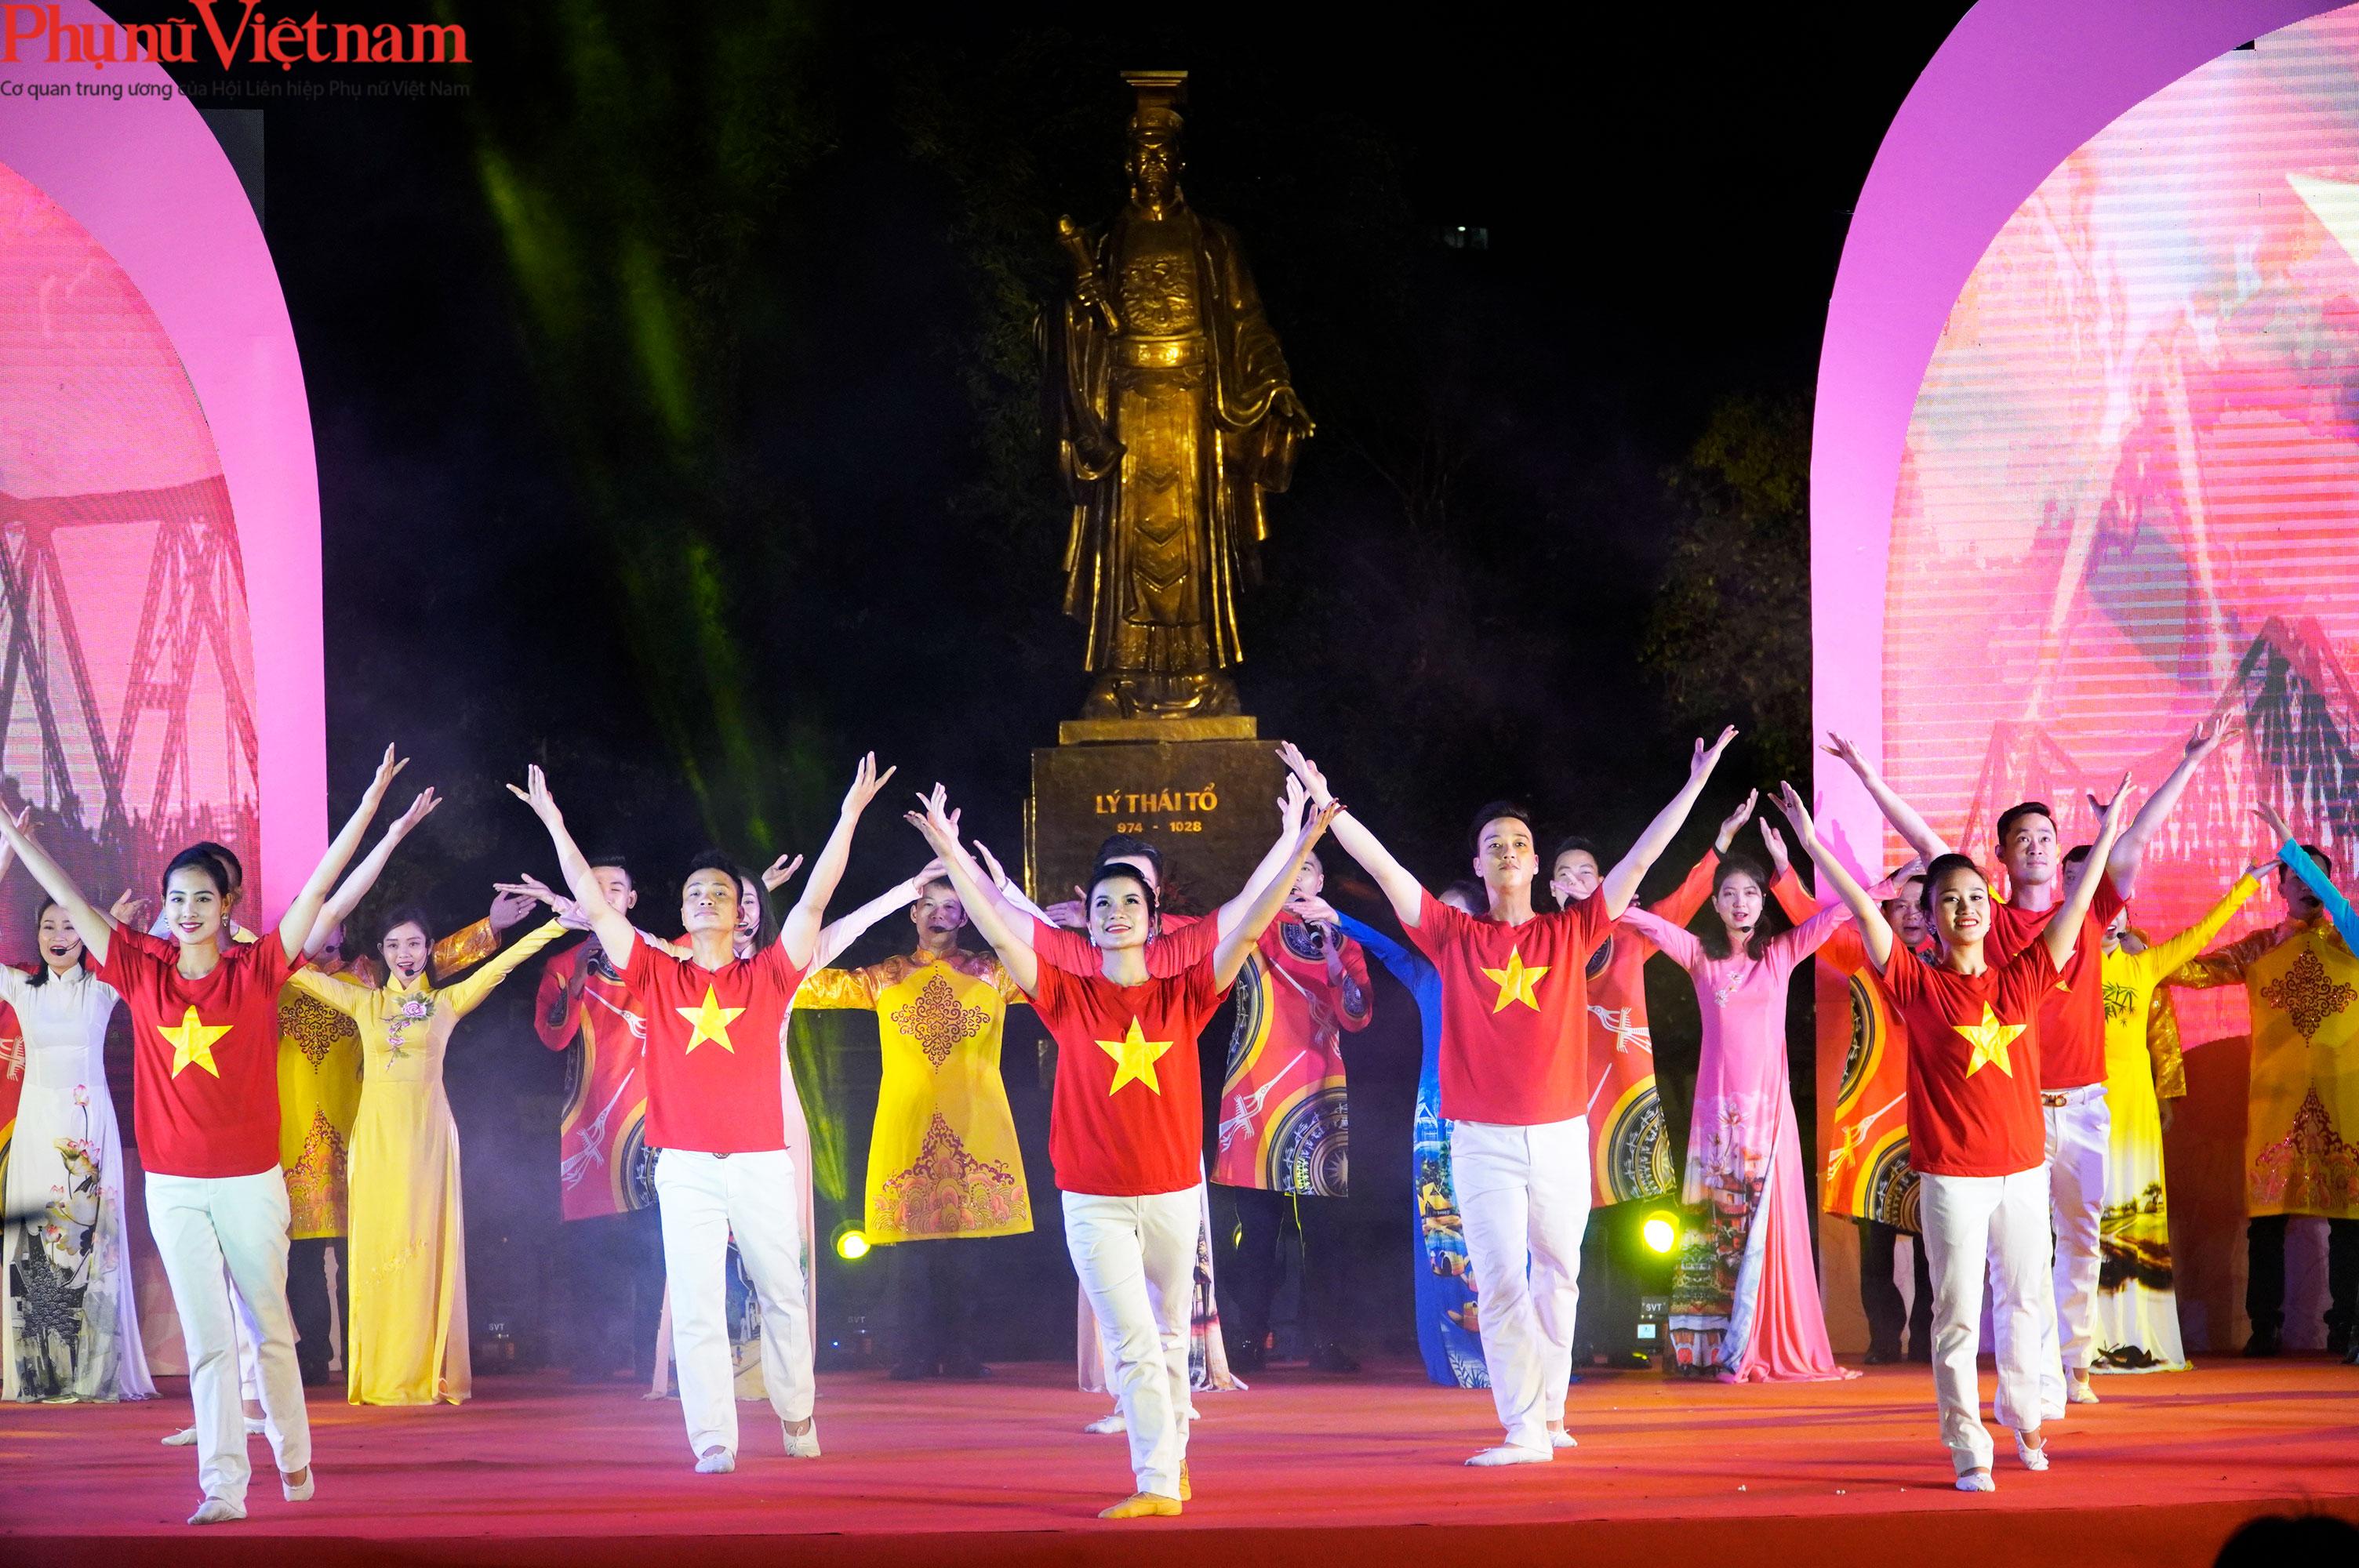 Phụ nữ Hà Nội giao lưu văn hóa, du lịch và sản phẩm sáng tạo với các tỉnh thành thuộc Đồng bằng sông Hồng - Ảnh 7.